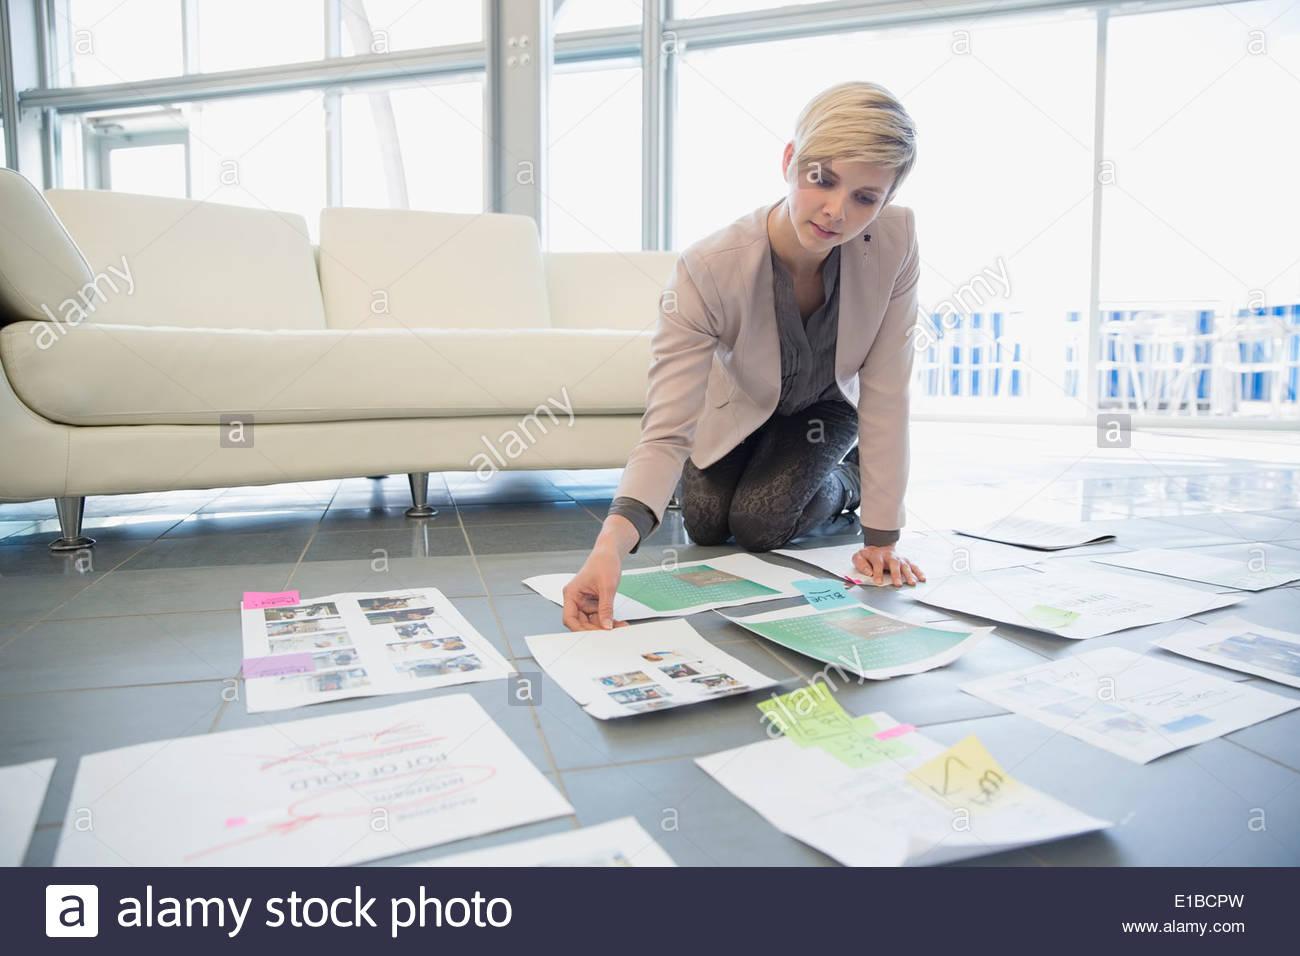 Kreative Geschäftsfrau, die Überprüfung der Nachweise im Amt Stockbild